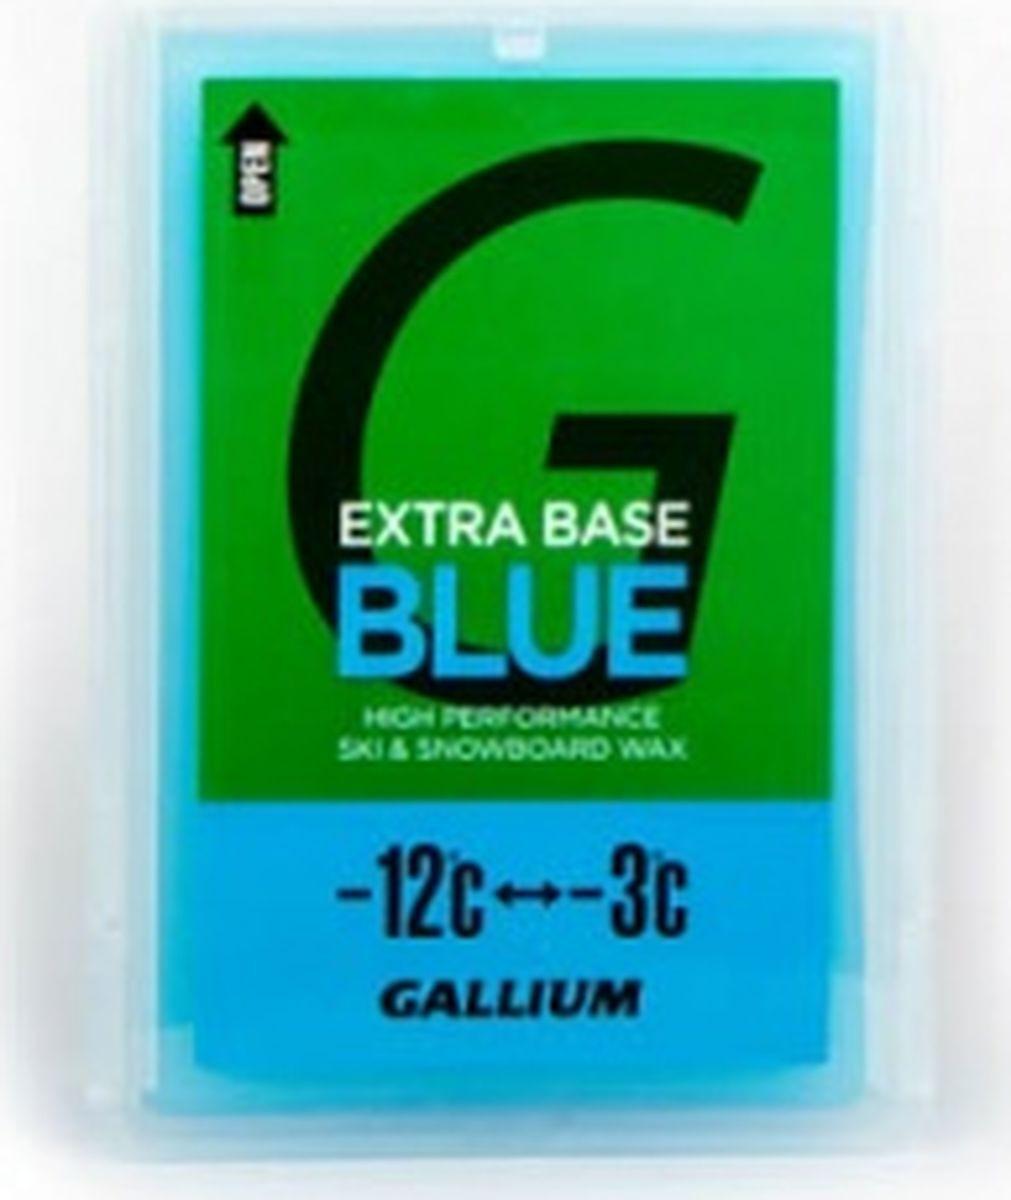 Парафин без содержания фтора Gallium Extra Base Blue, sw2074, -12...-3°С, 100 г мази и парафины ip evtyukhov парафин lf5 10 30